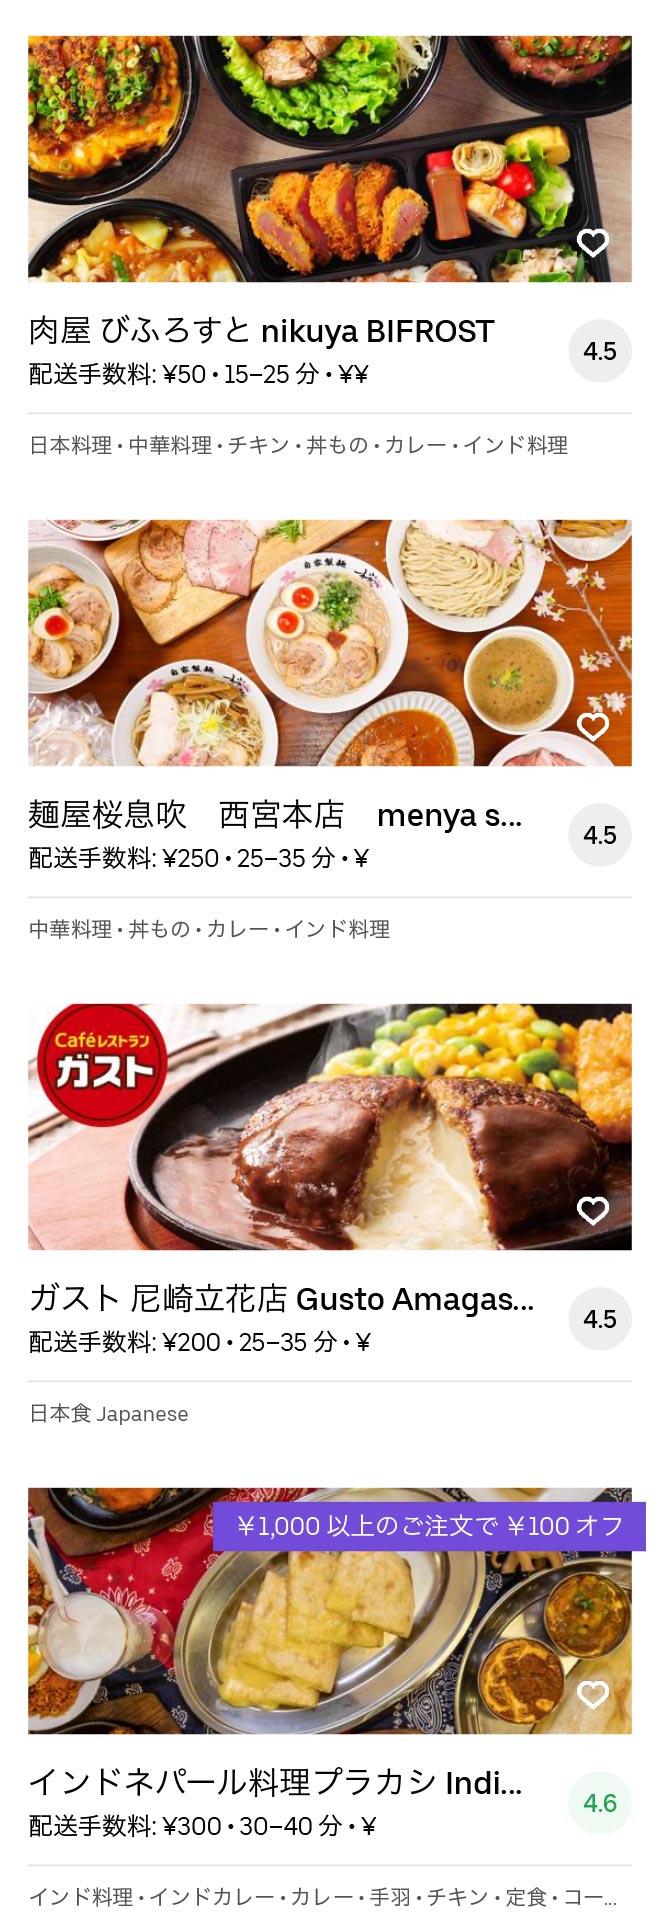 Nishinomiya koshien menu 2005 06